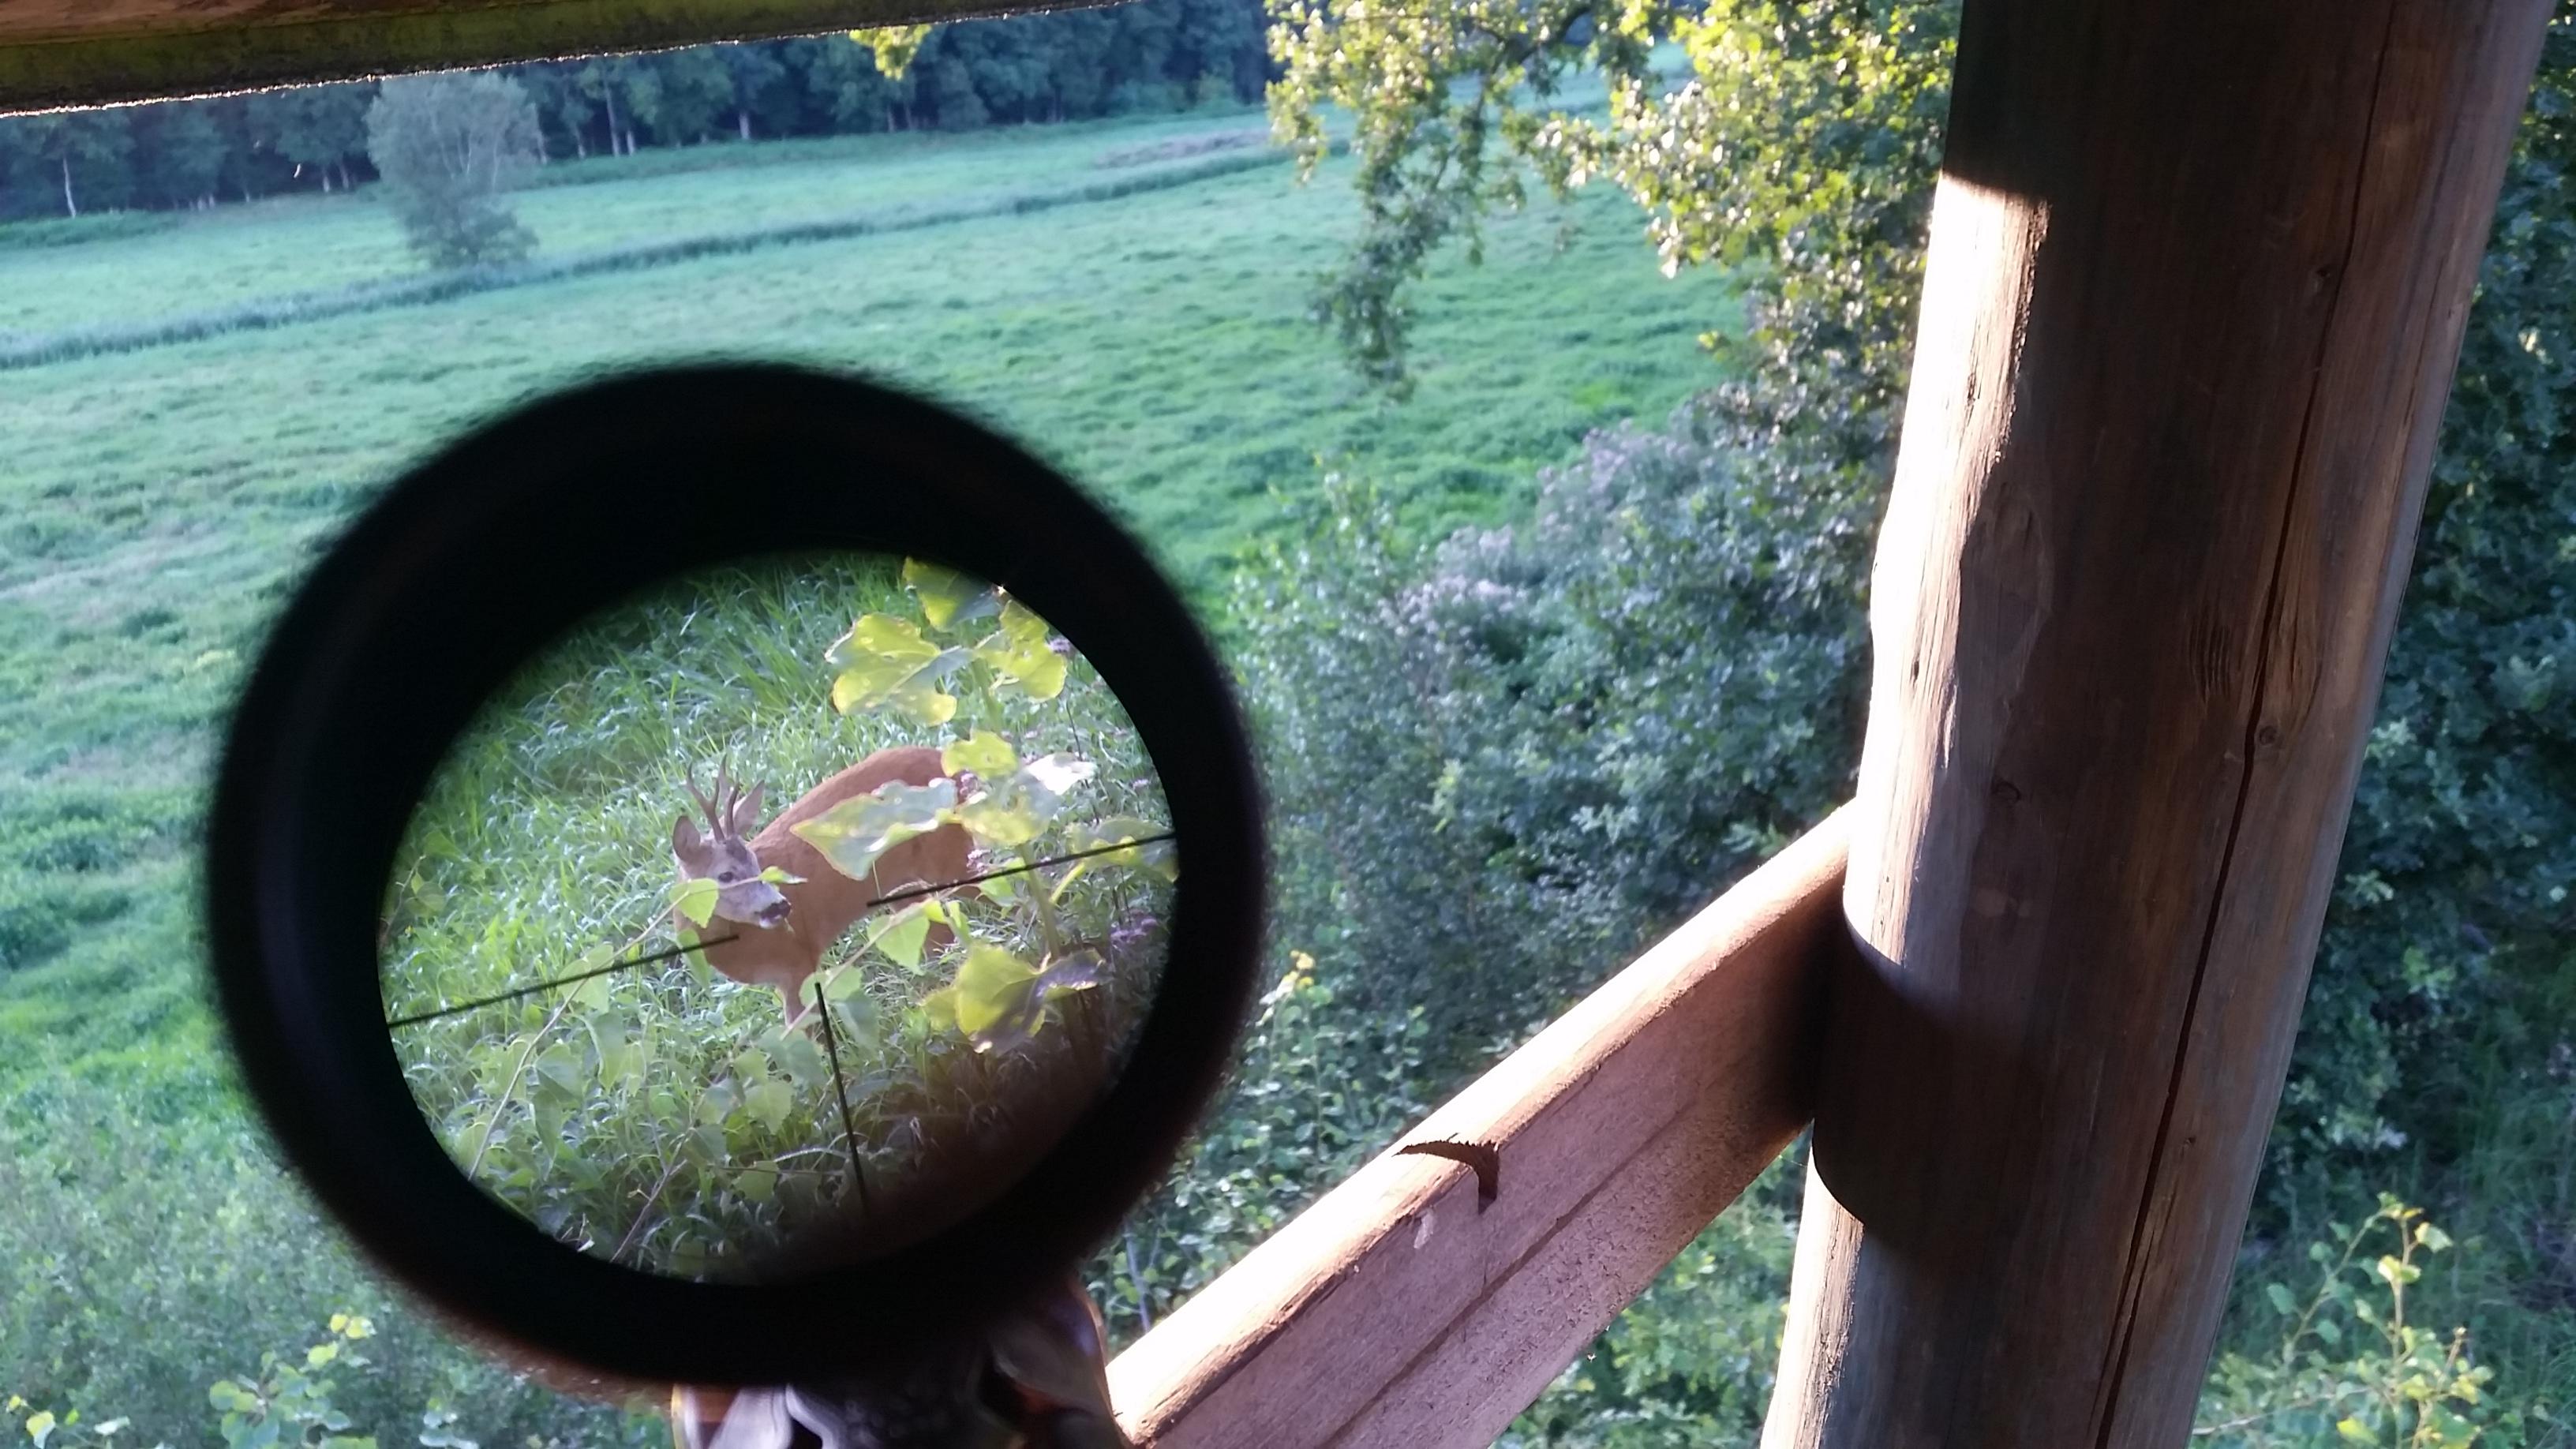 jaegermagazin jagd wilddiebe schmidtundbender zielfernrohr